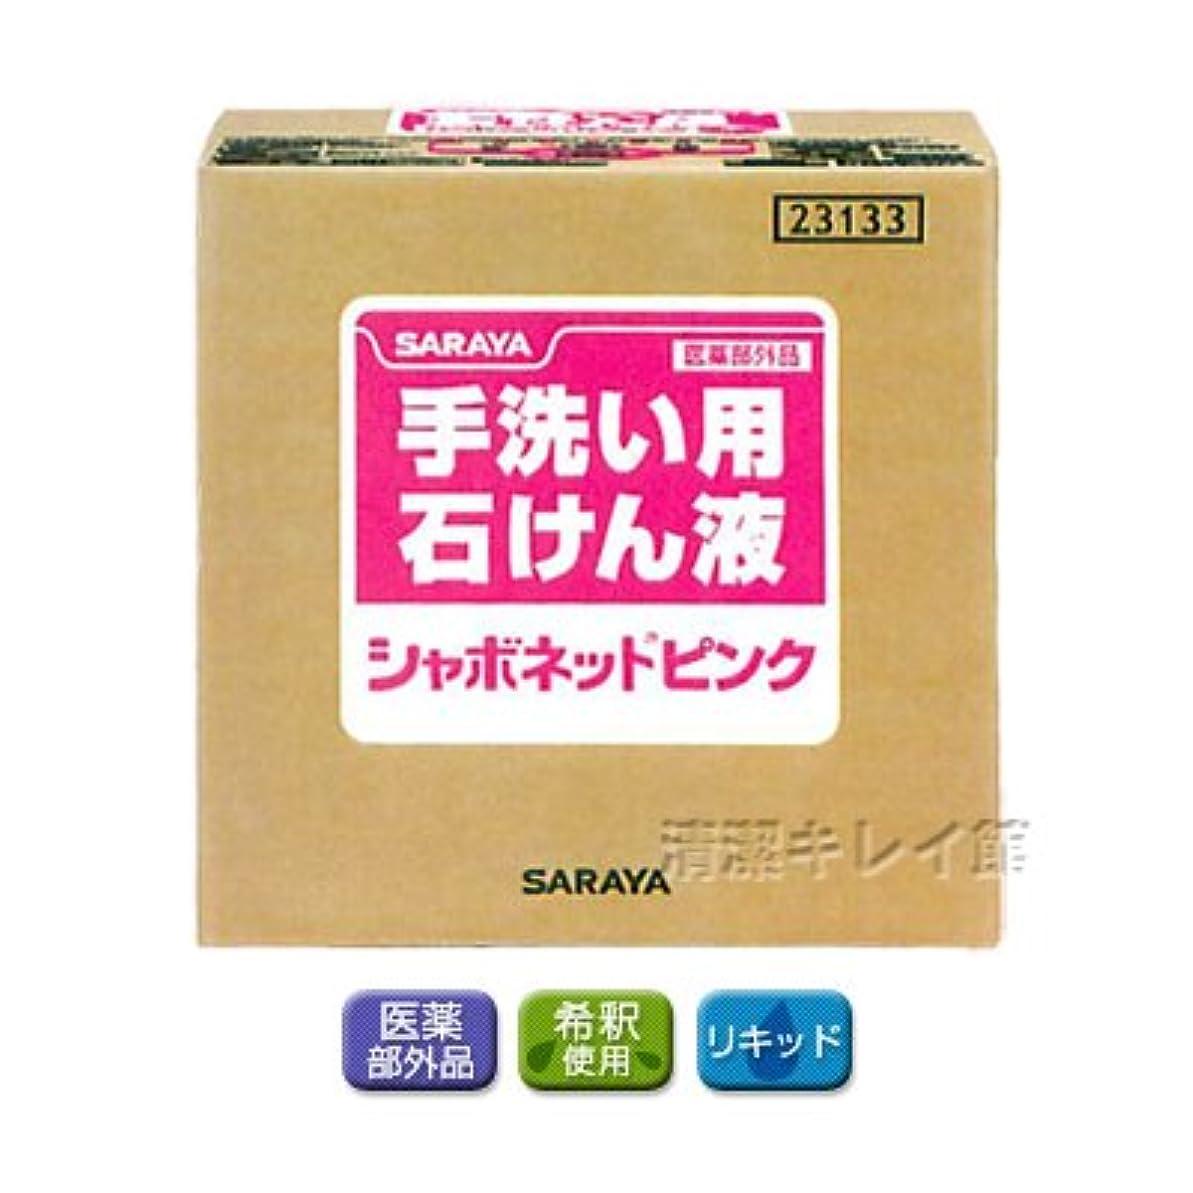 現実には便利ロープ【清潔キレイ館】サラヤ シャボネットピンク(20kg)